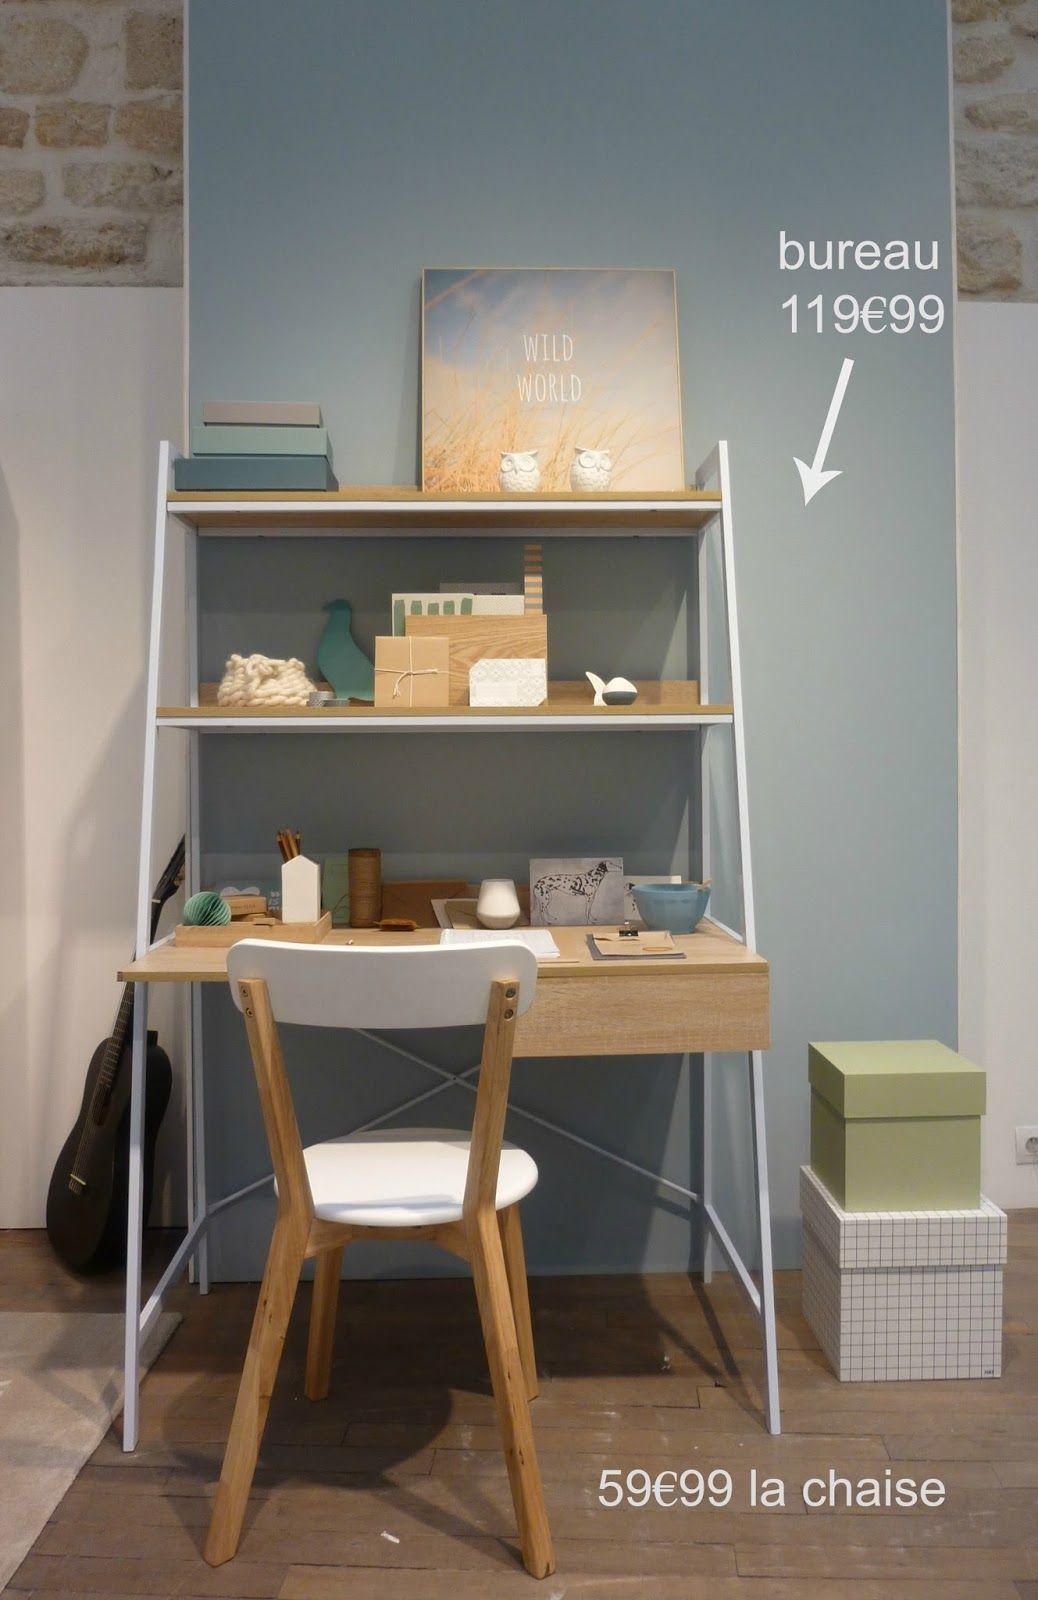 But New Collection Meubles But Decoration Bureau Mobilier De Salon